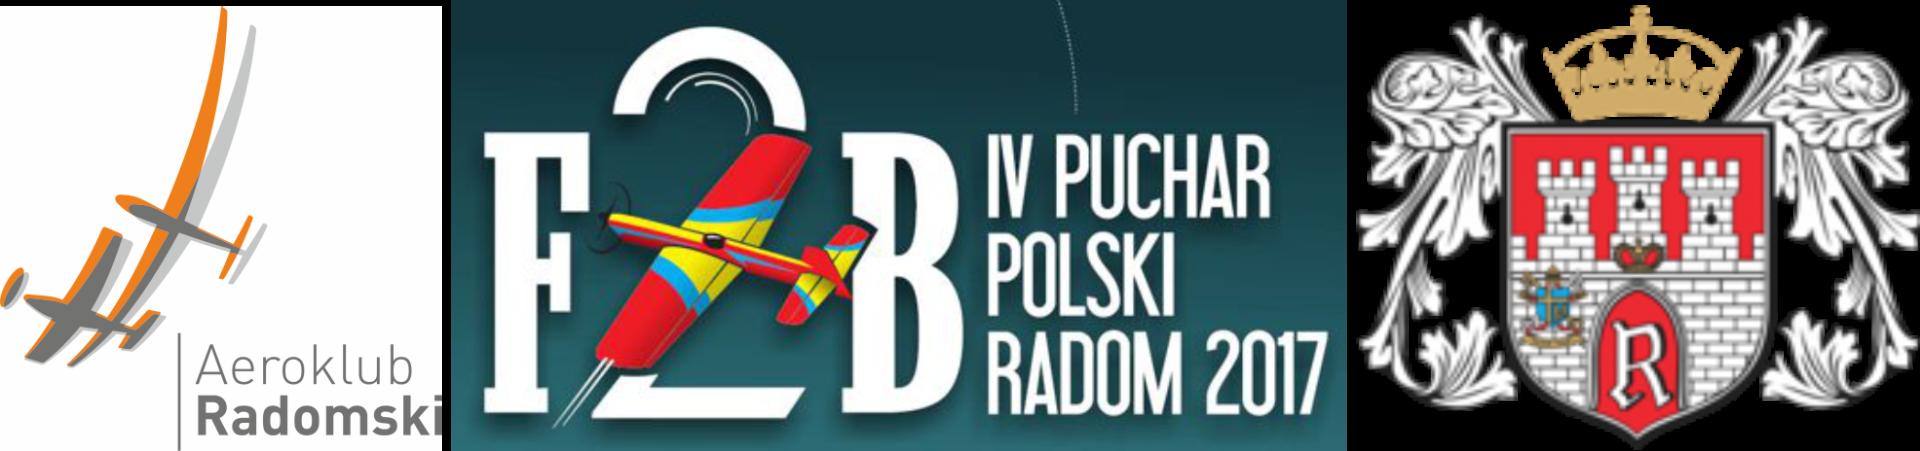 images84.fotosik.pl/721/ce9c9f5a68ecc354.png